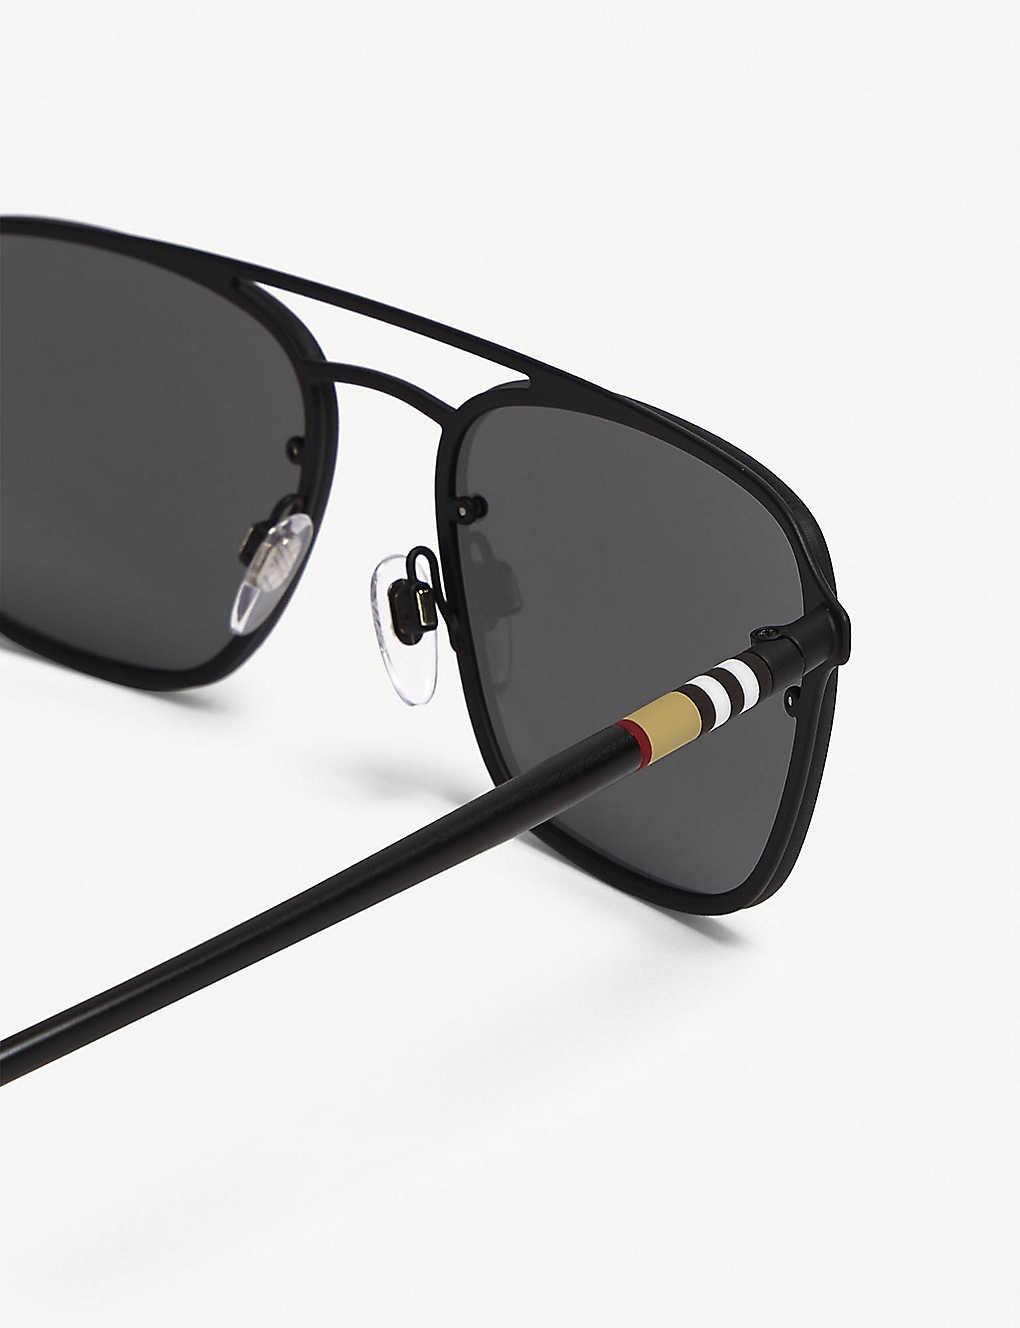 47a6b4c10449 BURBERRY - BE3095 square-frame sunglasses | Selfridges.com